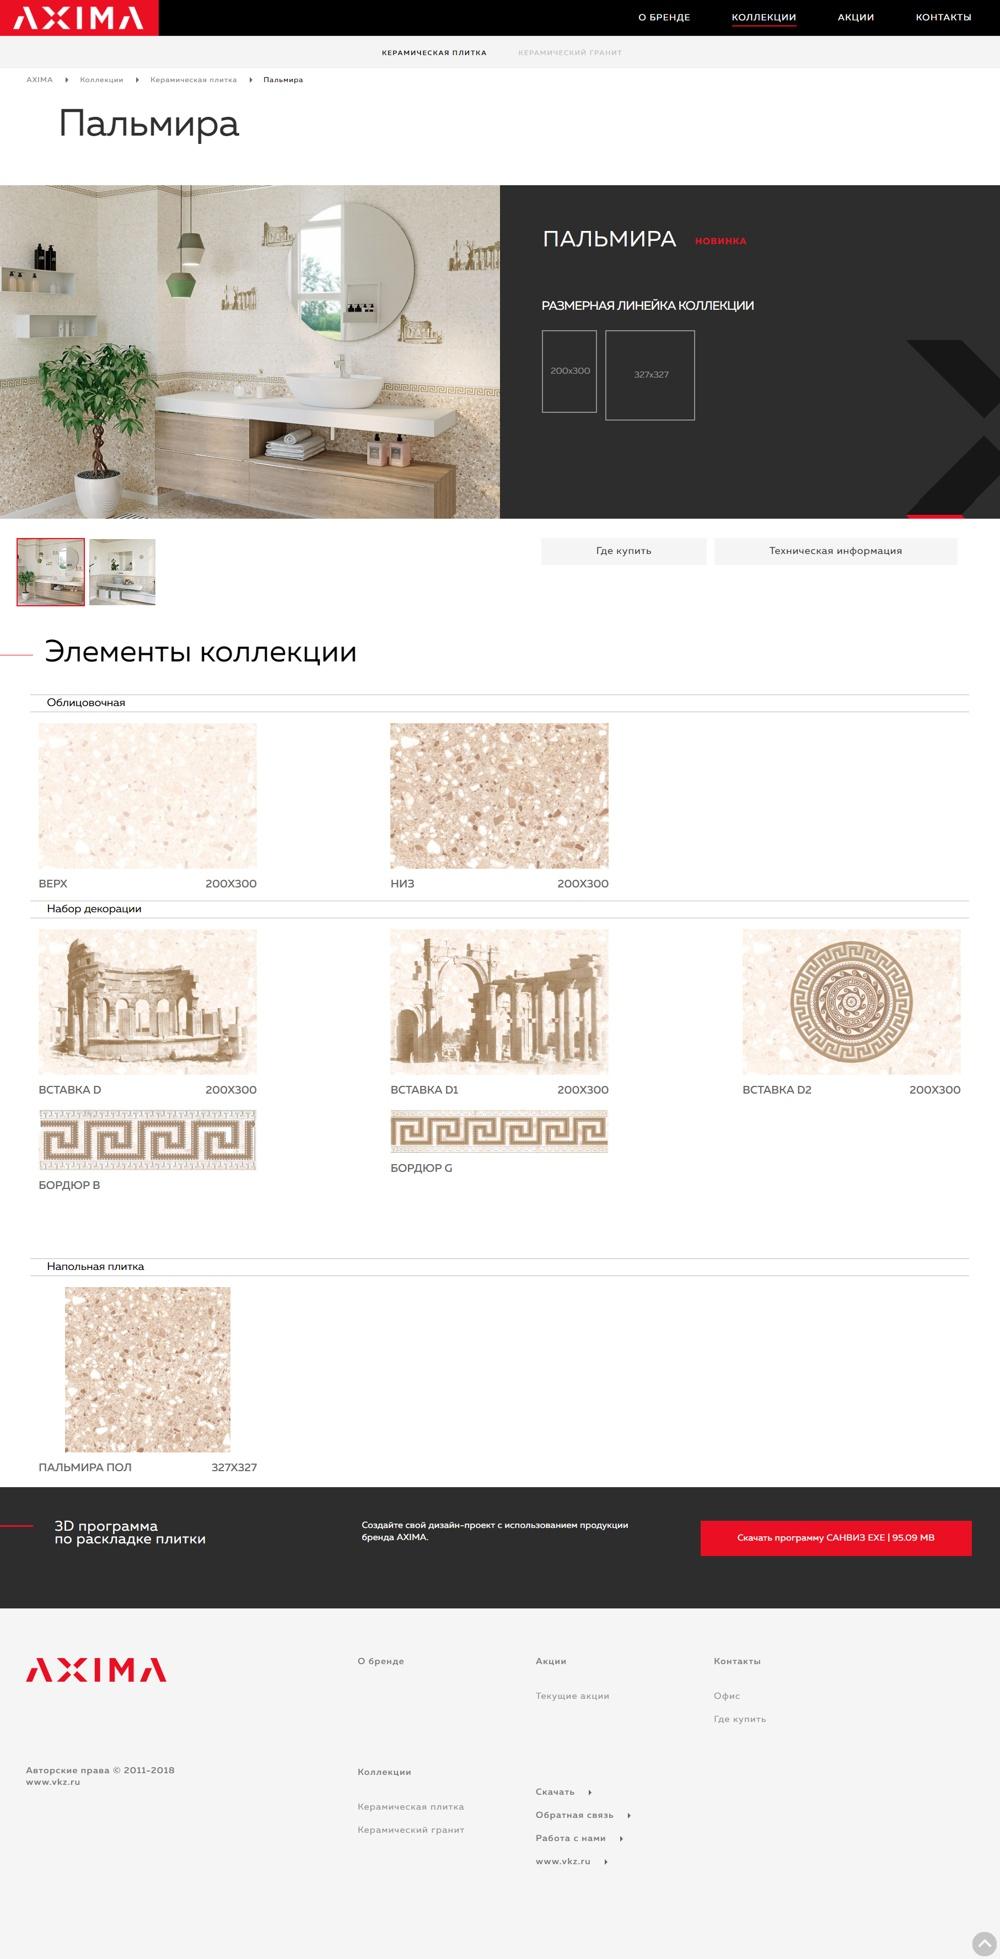 Продвижение сайта плитки создание сайта builder